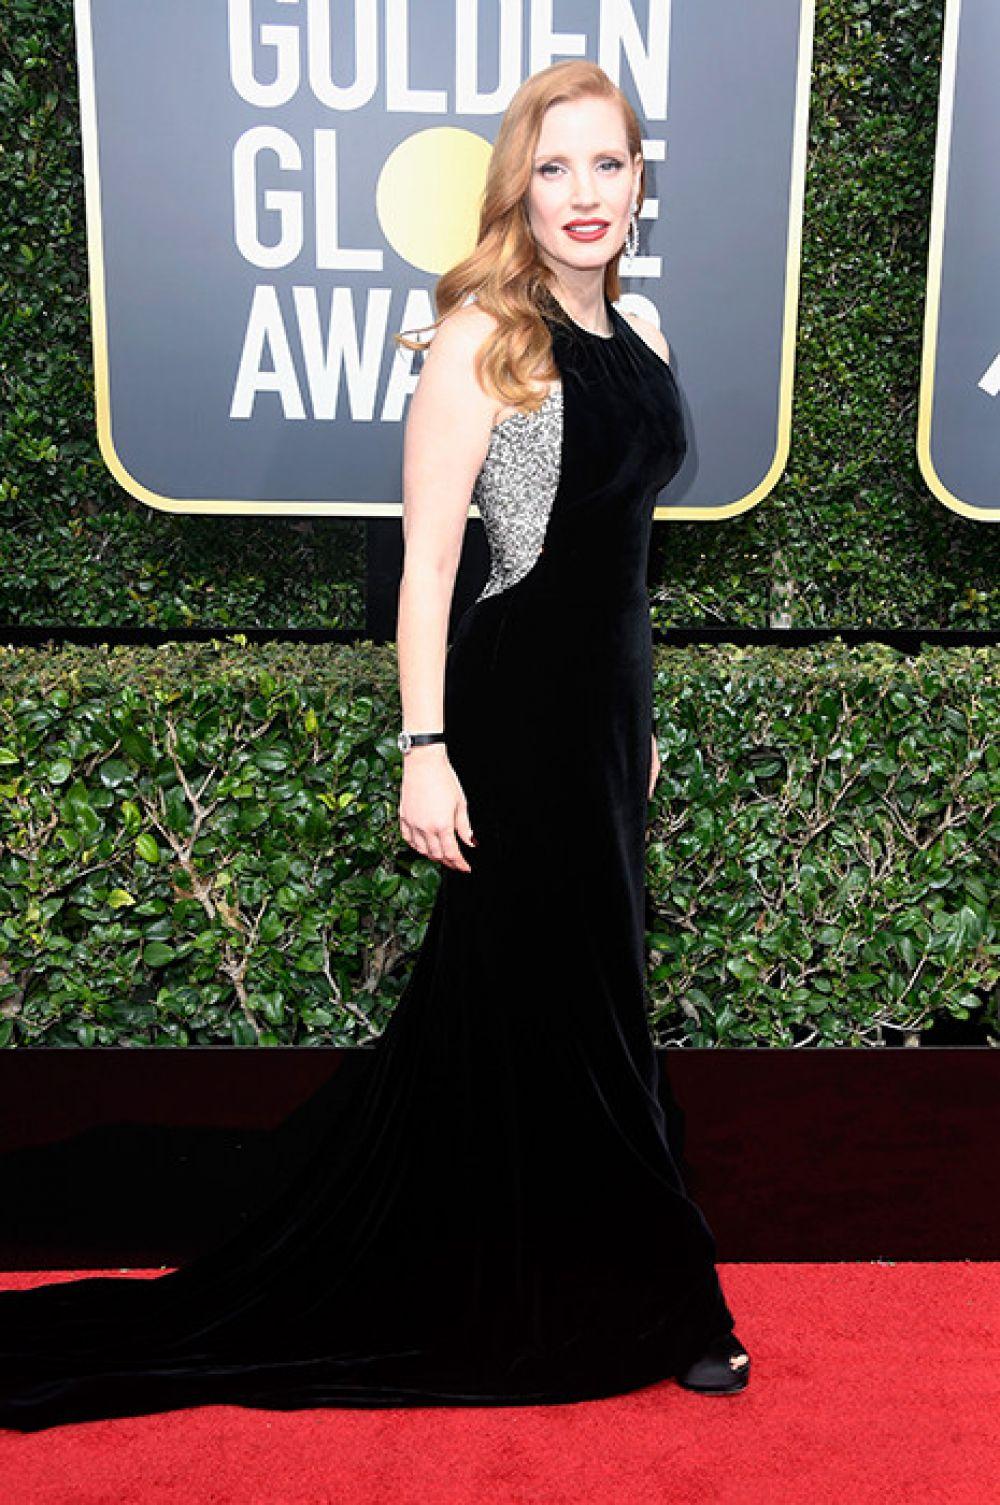 Джессика Честейн одела очень эффектное длинное платье в пол, которое только подчеркнуло ее изысканную фигуру.